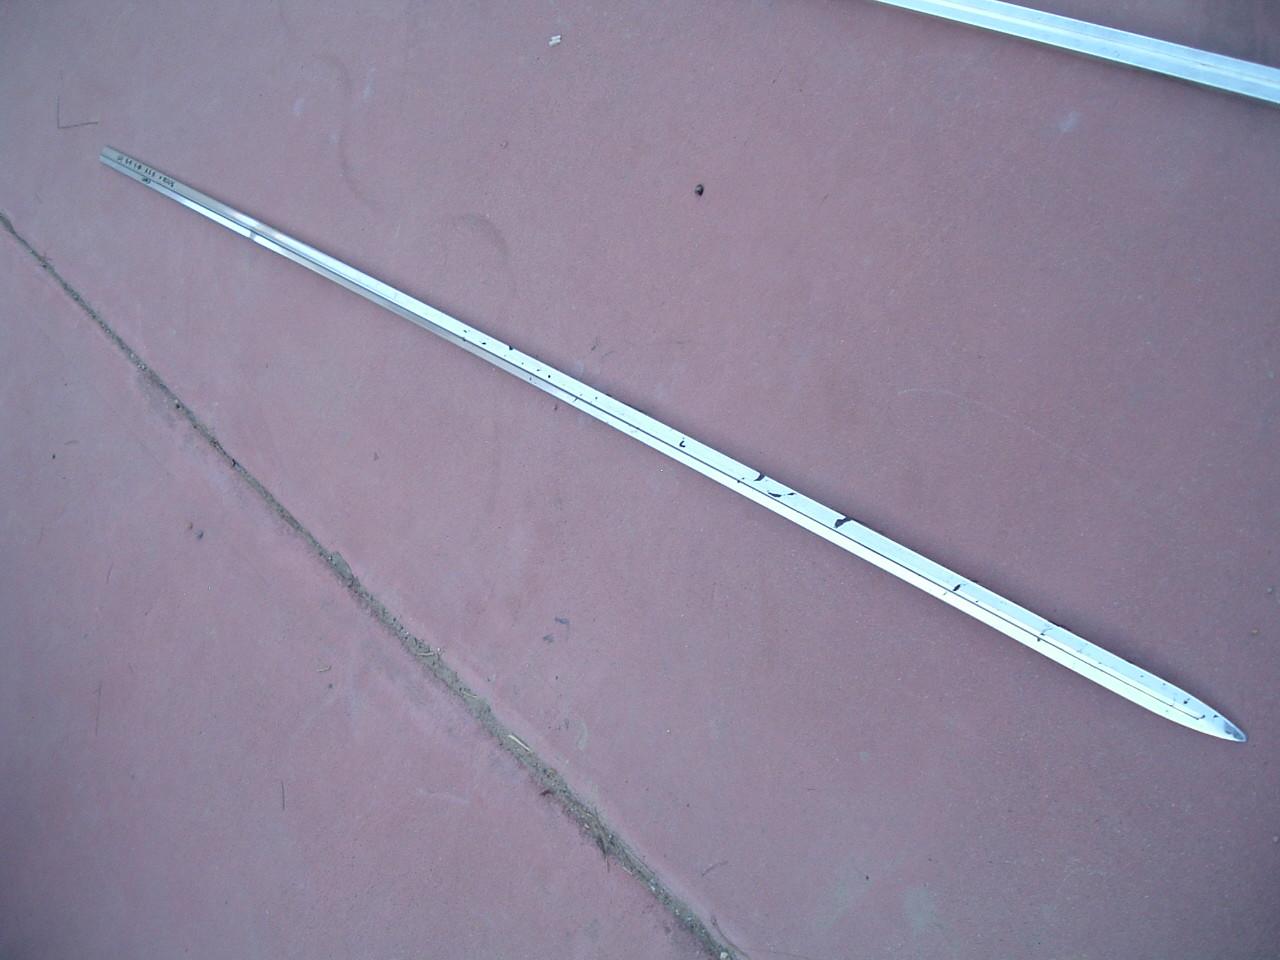 1964 chevrolet belair quarter panel molding nos gm # 3851596 (z 3851596)